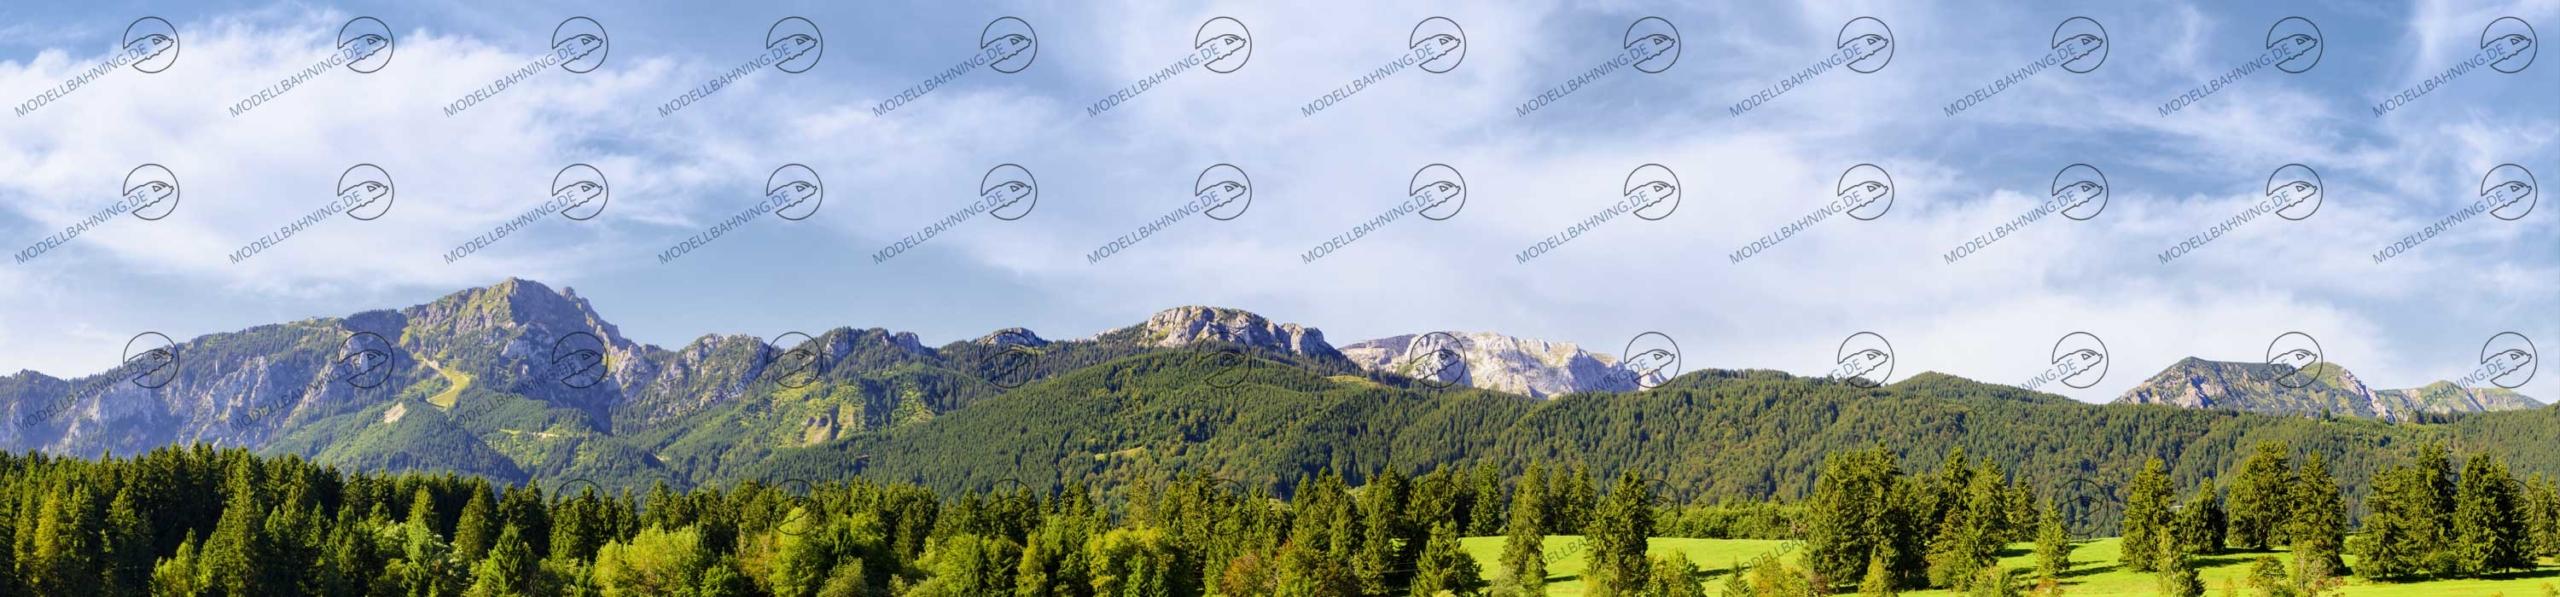 Bayern mit Alpenbergen Teil 4 – Modellbahn Hintergrund 300cm x 70 cm 4